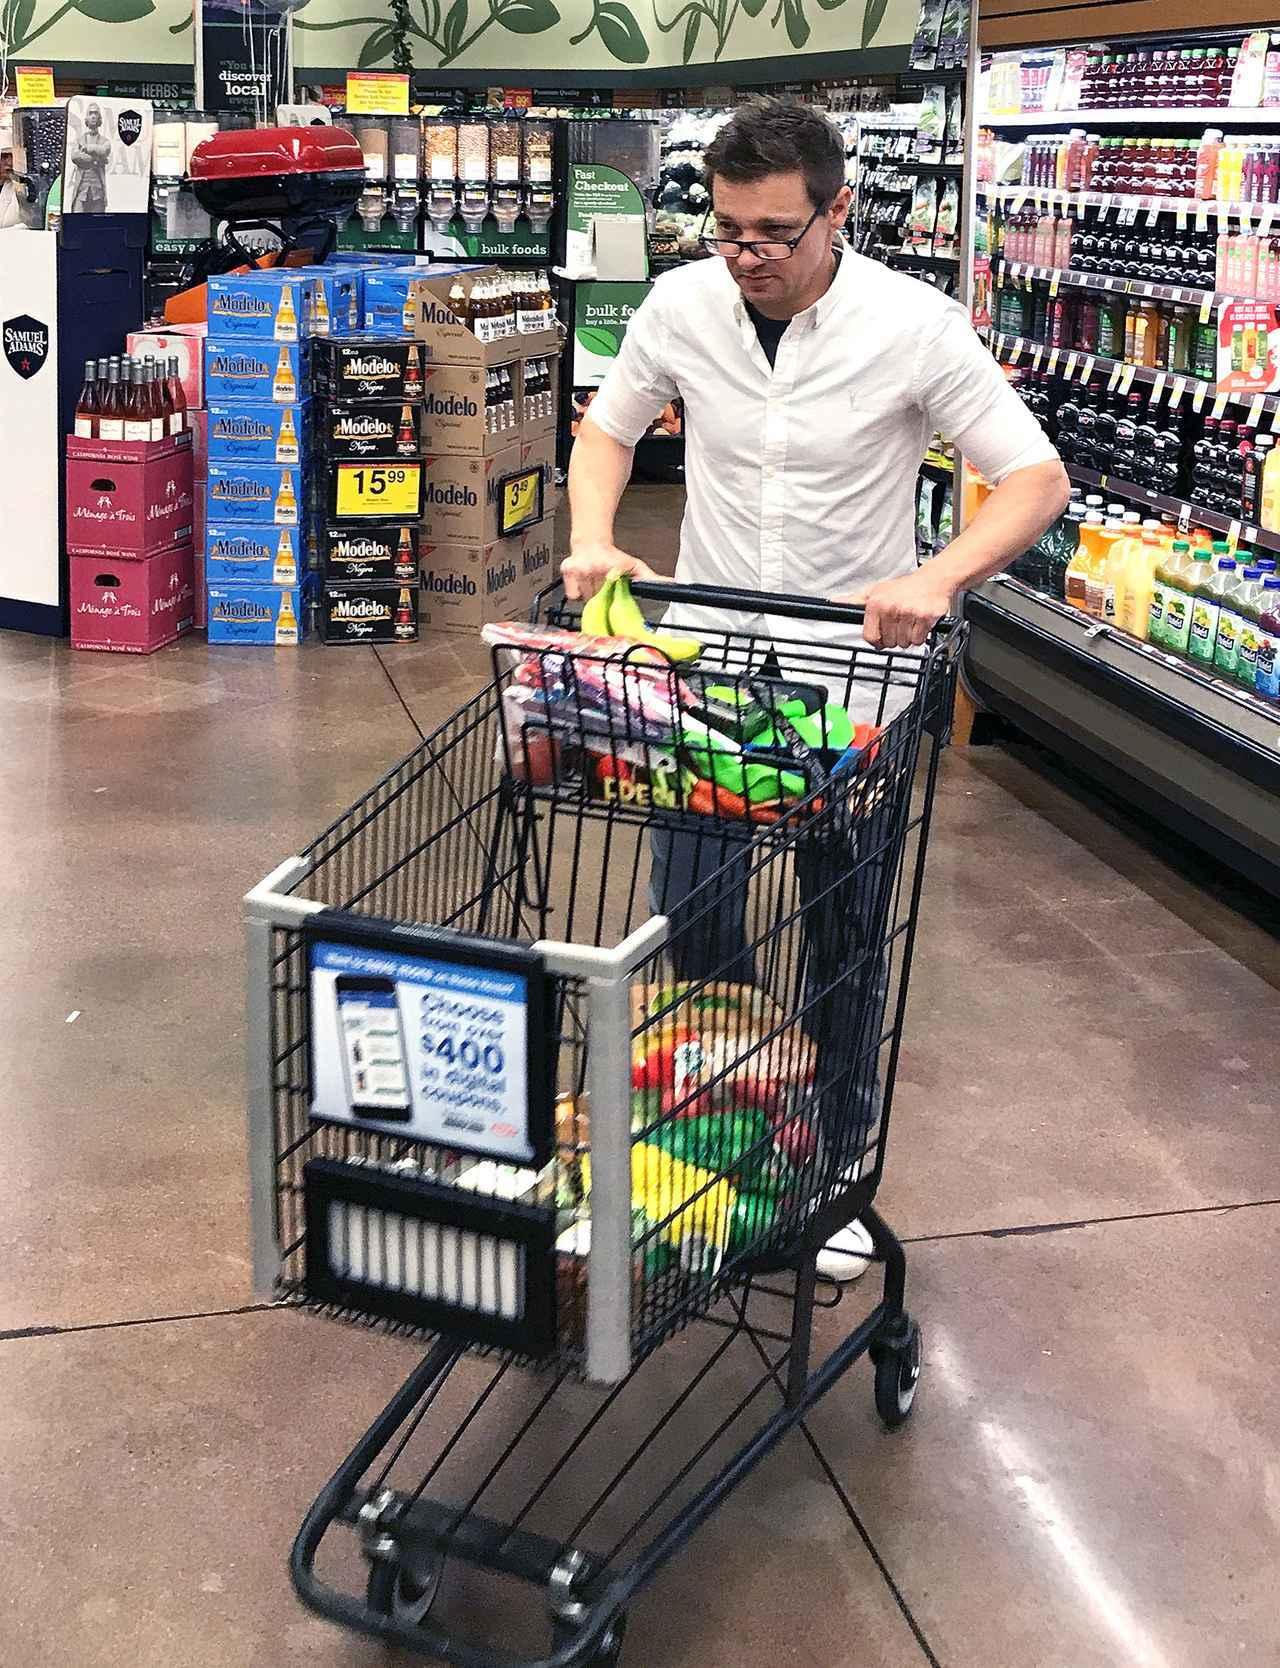 画像1: スーパーで買い物をするジェレミー・レナー